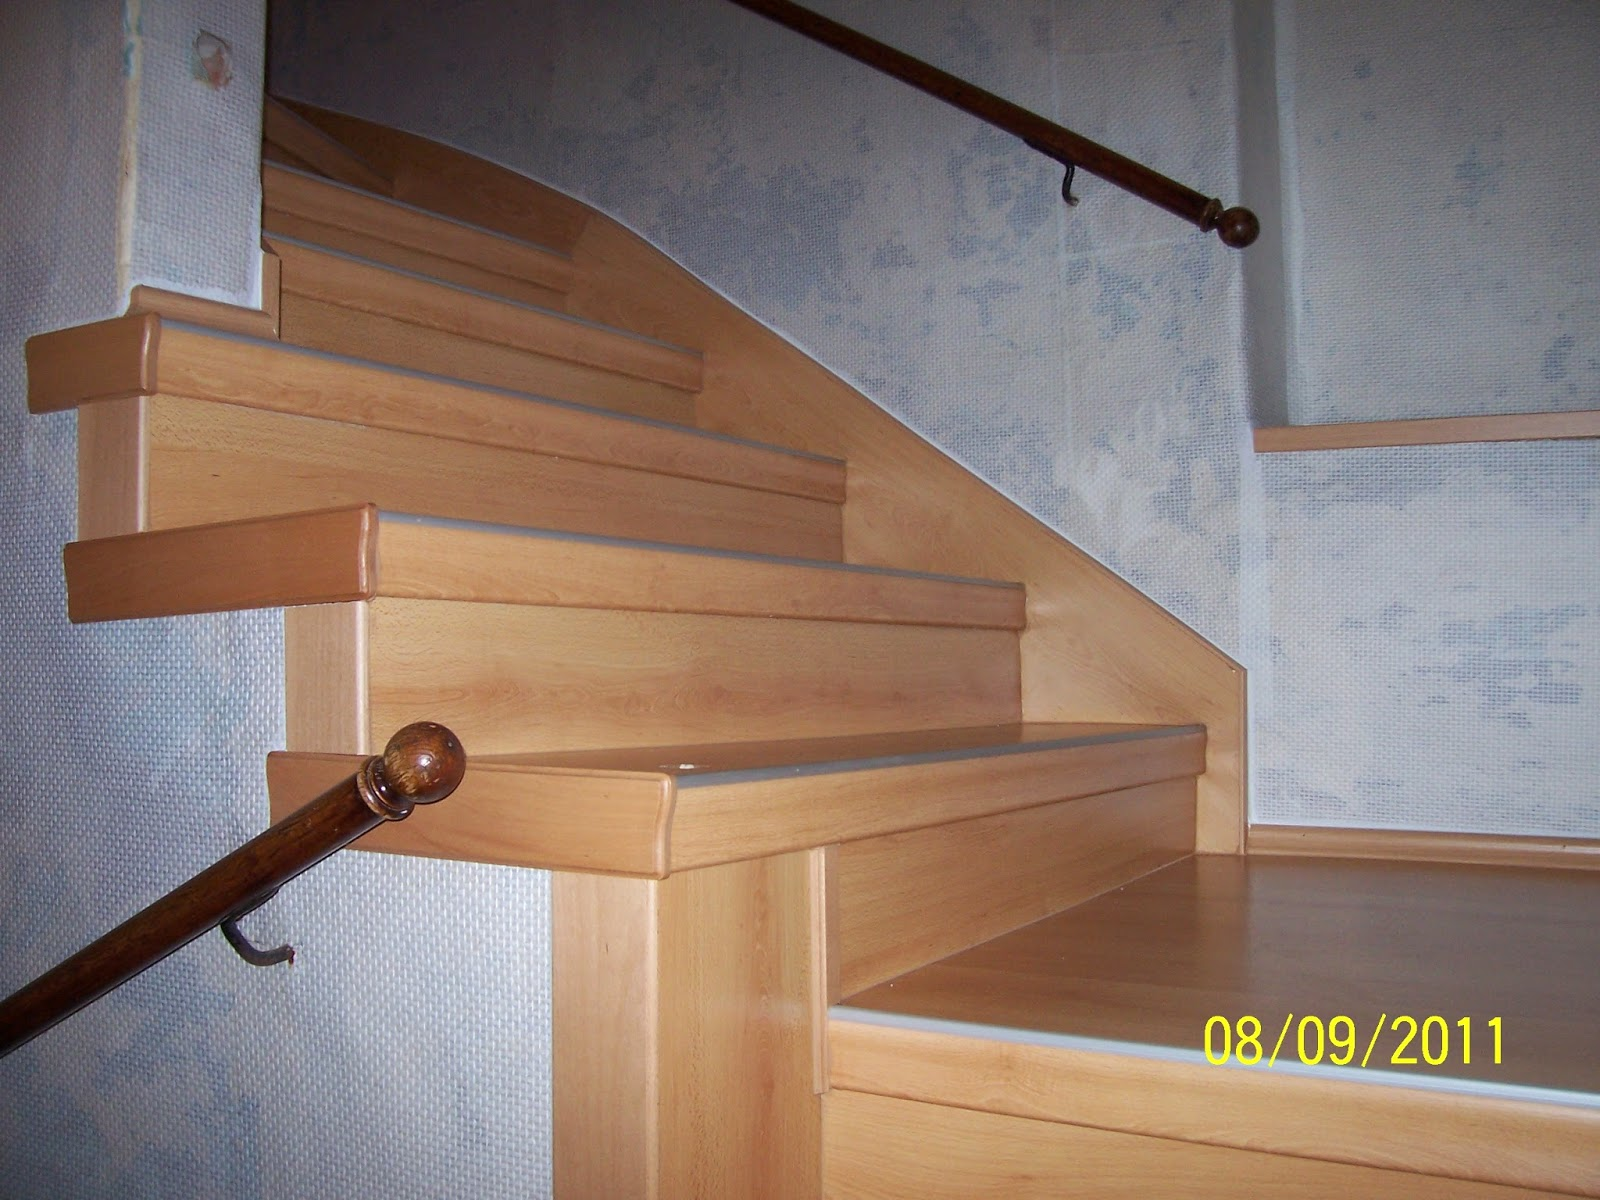 Treppenwange verkleiden - fertig renovierte Treppe